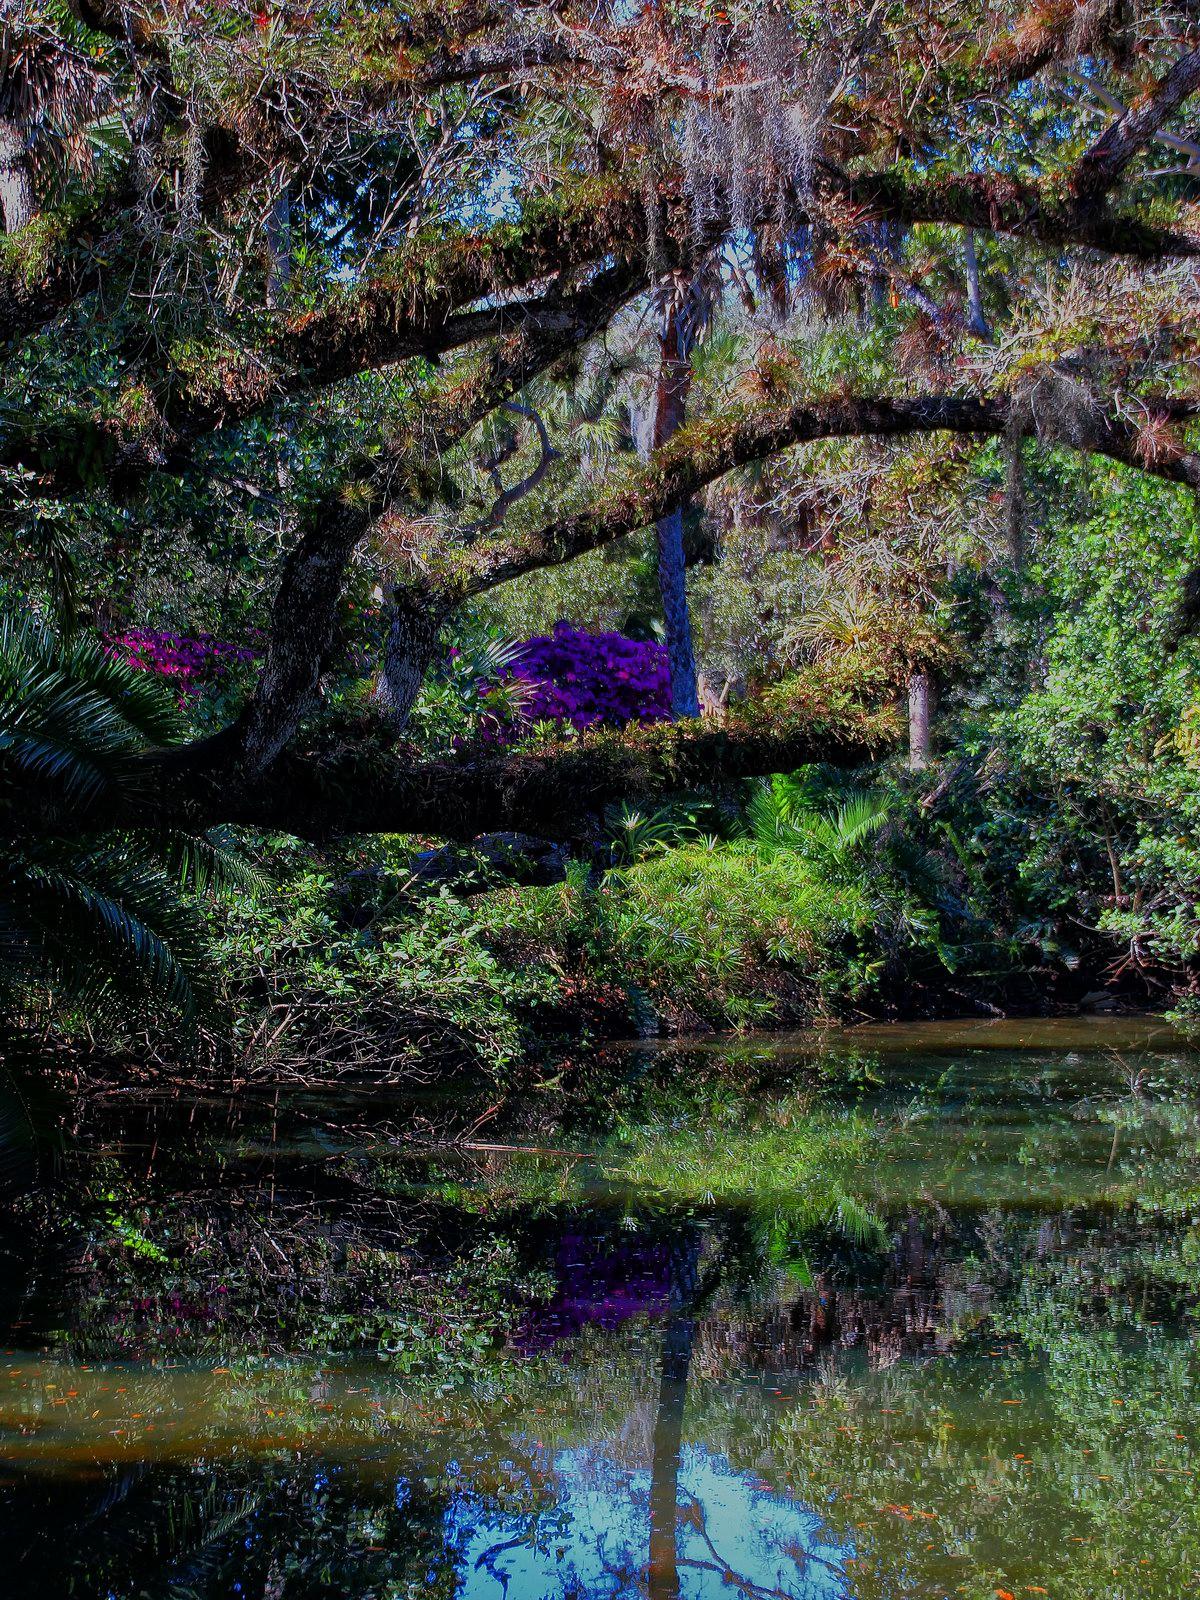 estero, florida, estero river, flowers, morning, spring,, photo